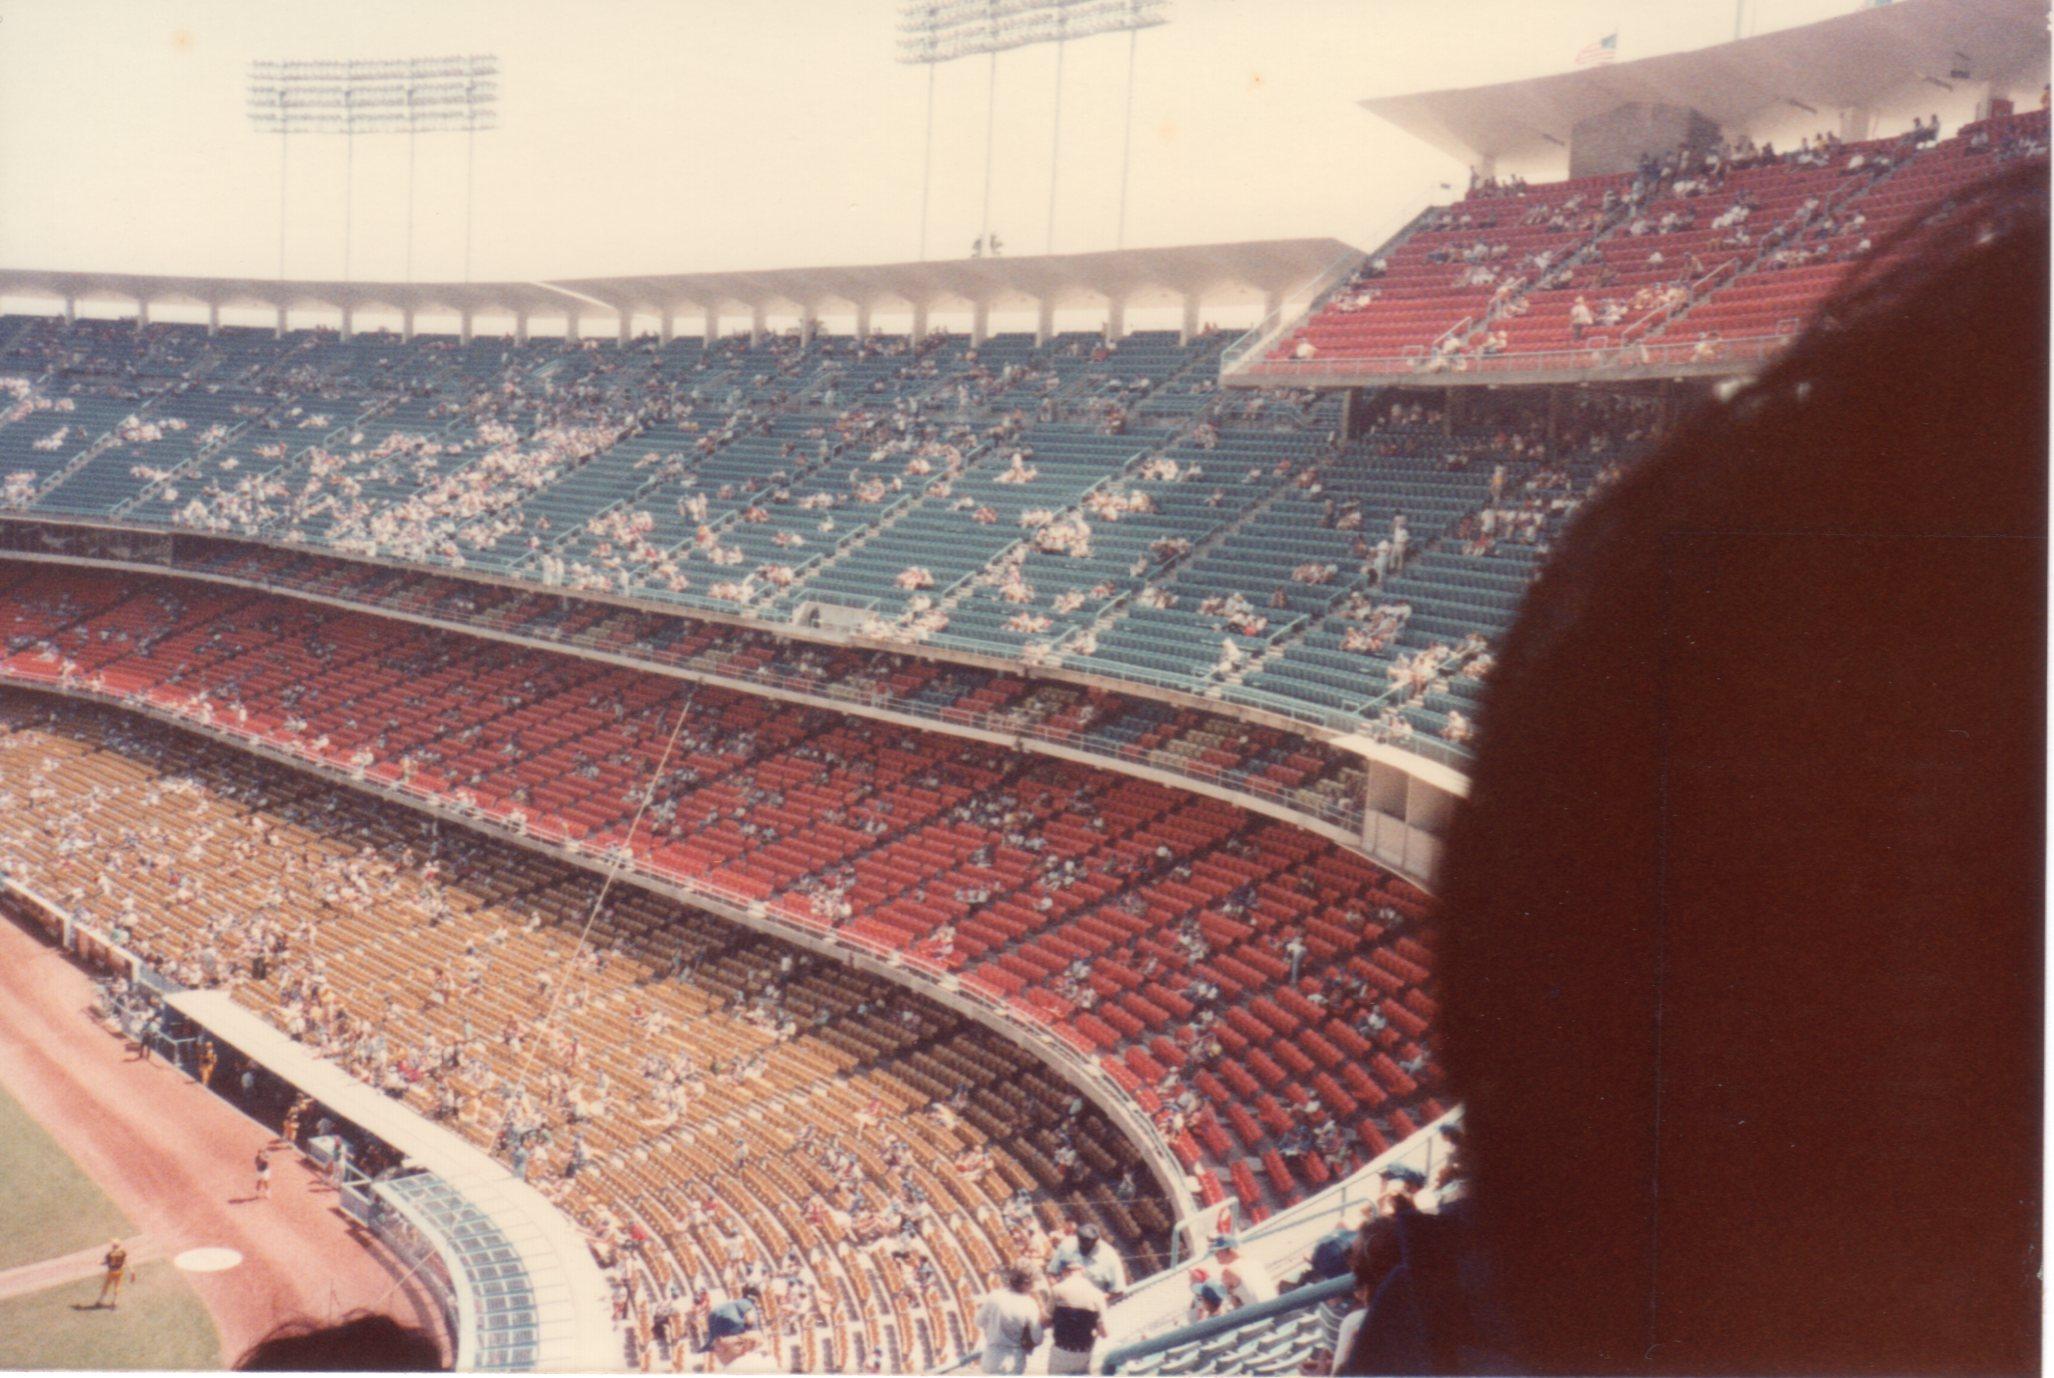 ドジャースタジアム 1982年9月5日538